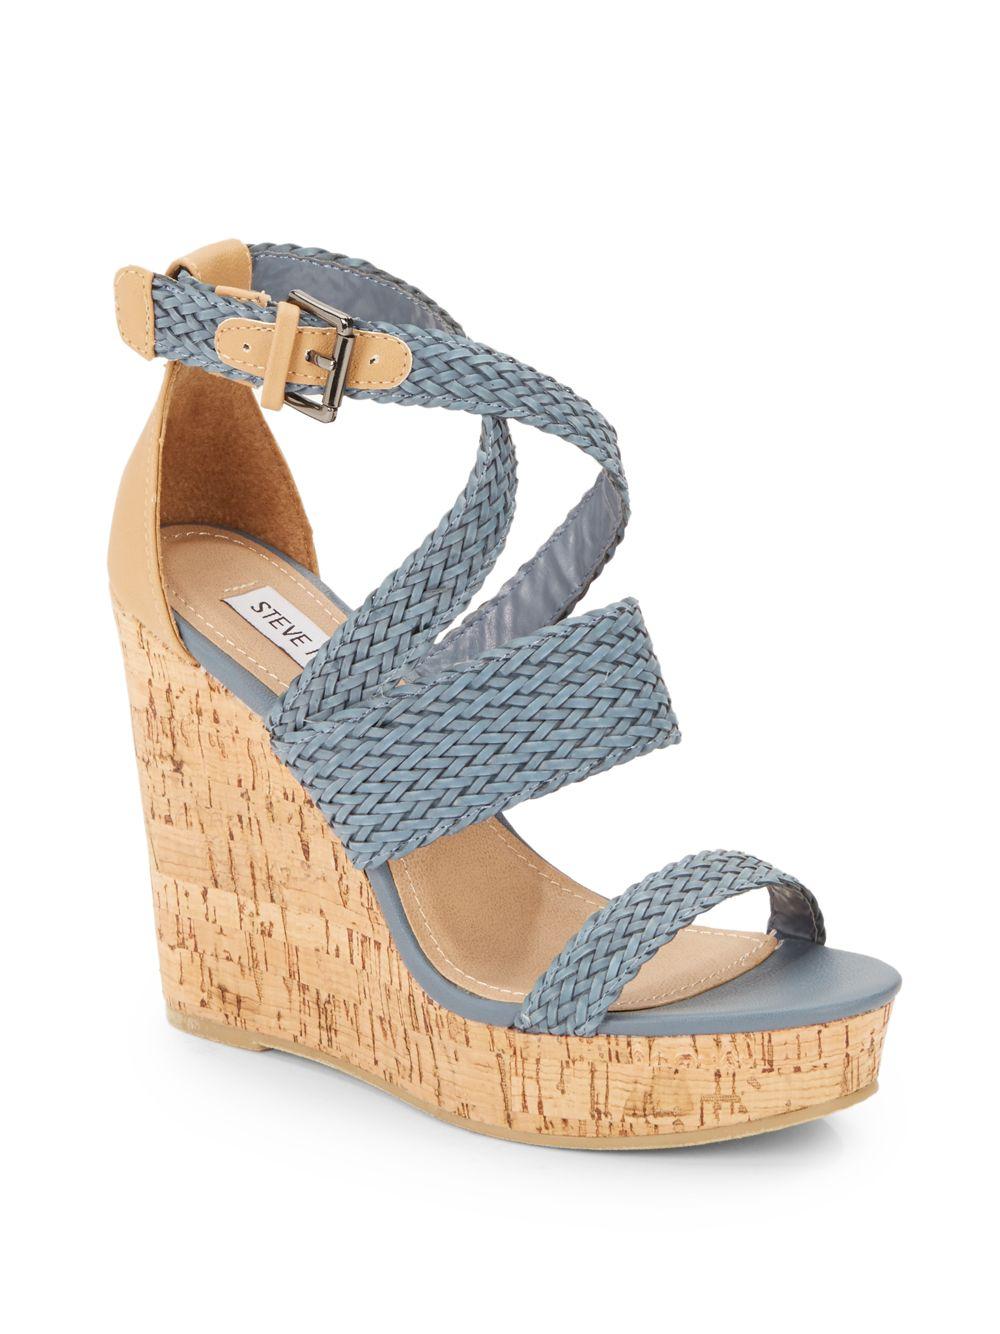 Lyst Steve Madden Slippie Braided Pleather Wedge Sandals